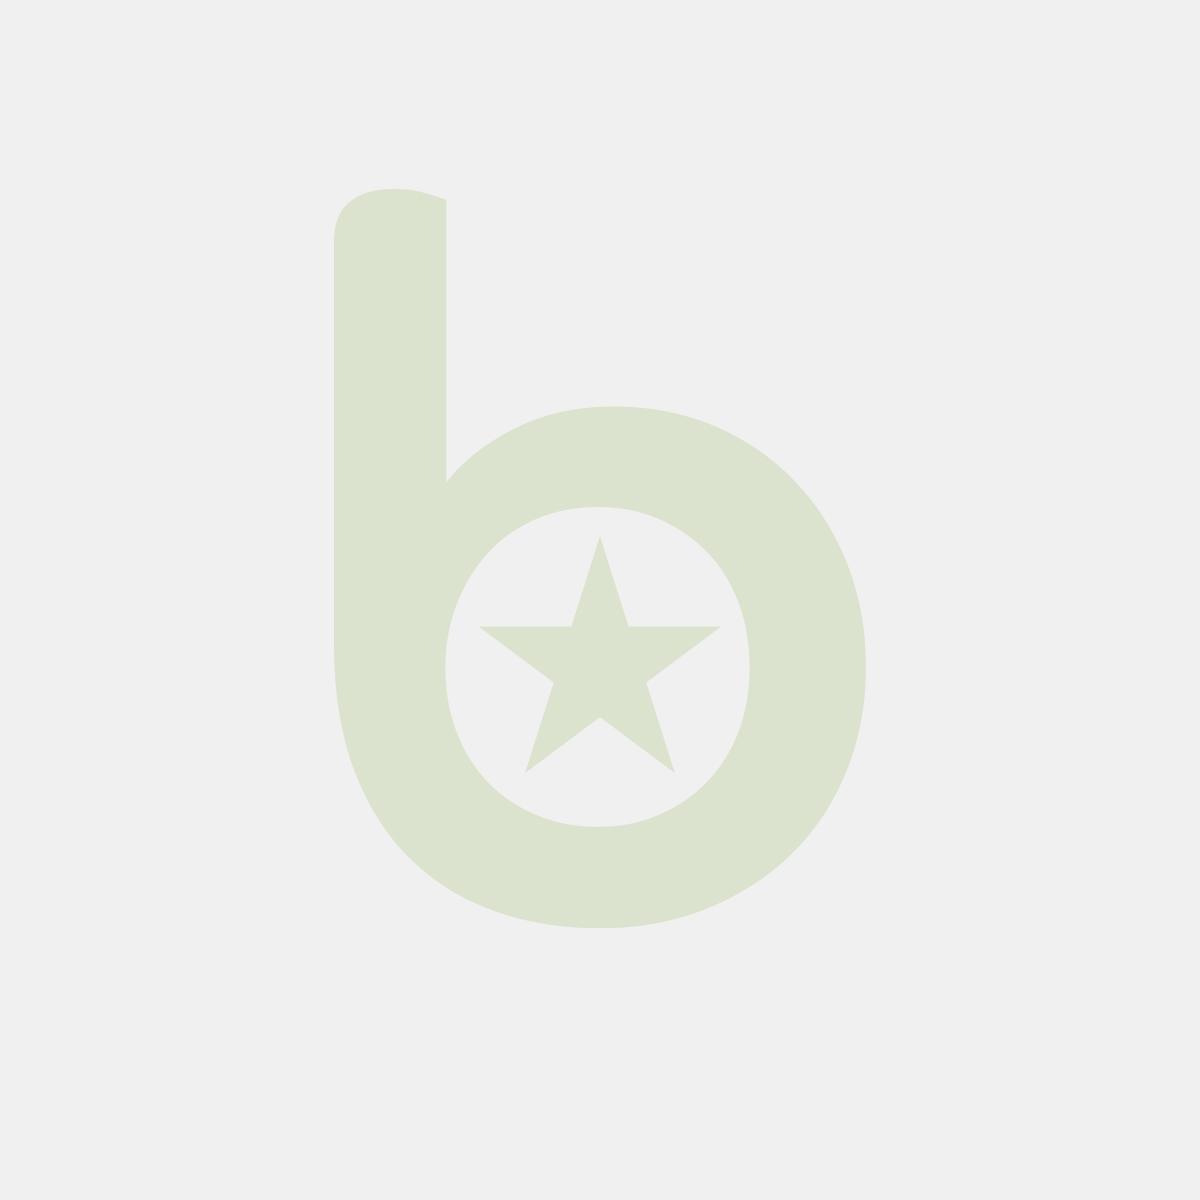 Pojemnik obiadowy do zgrzewu K 227/2, dwudzielny, czarno-biały 227x178x40, cena za opakowanie 50szt